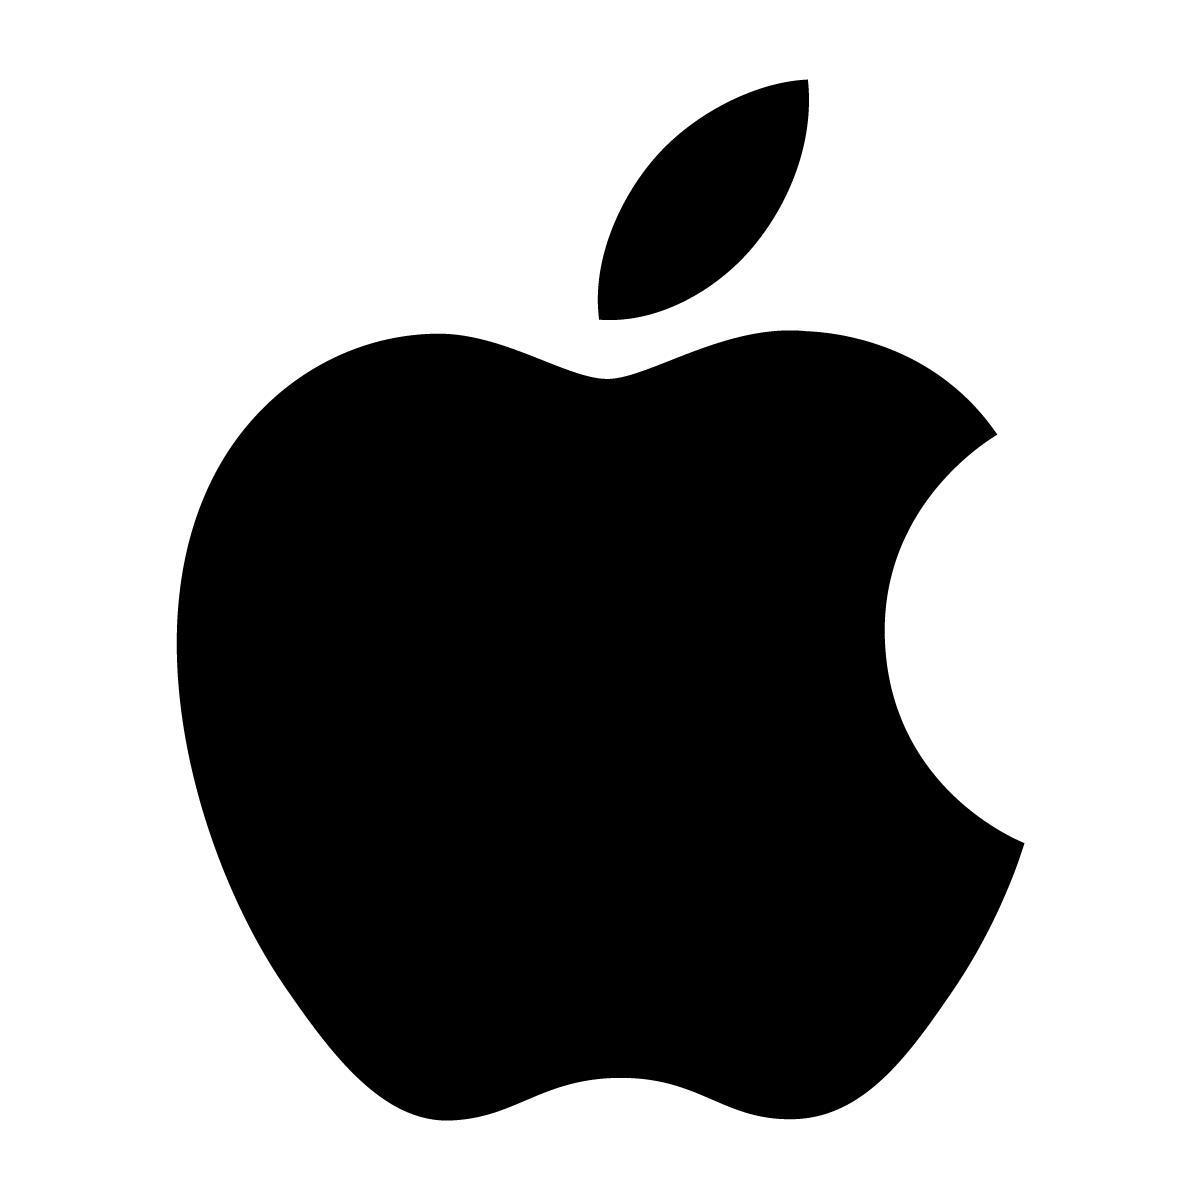 苹果公司 (Apple Inc.)